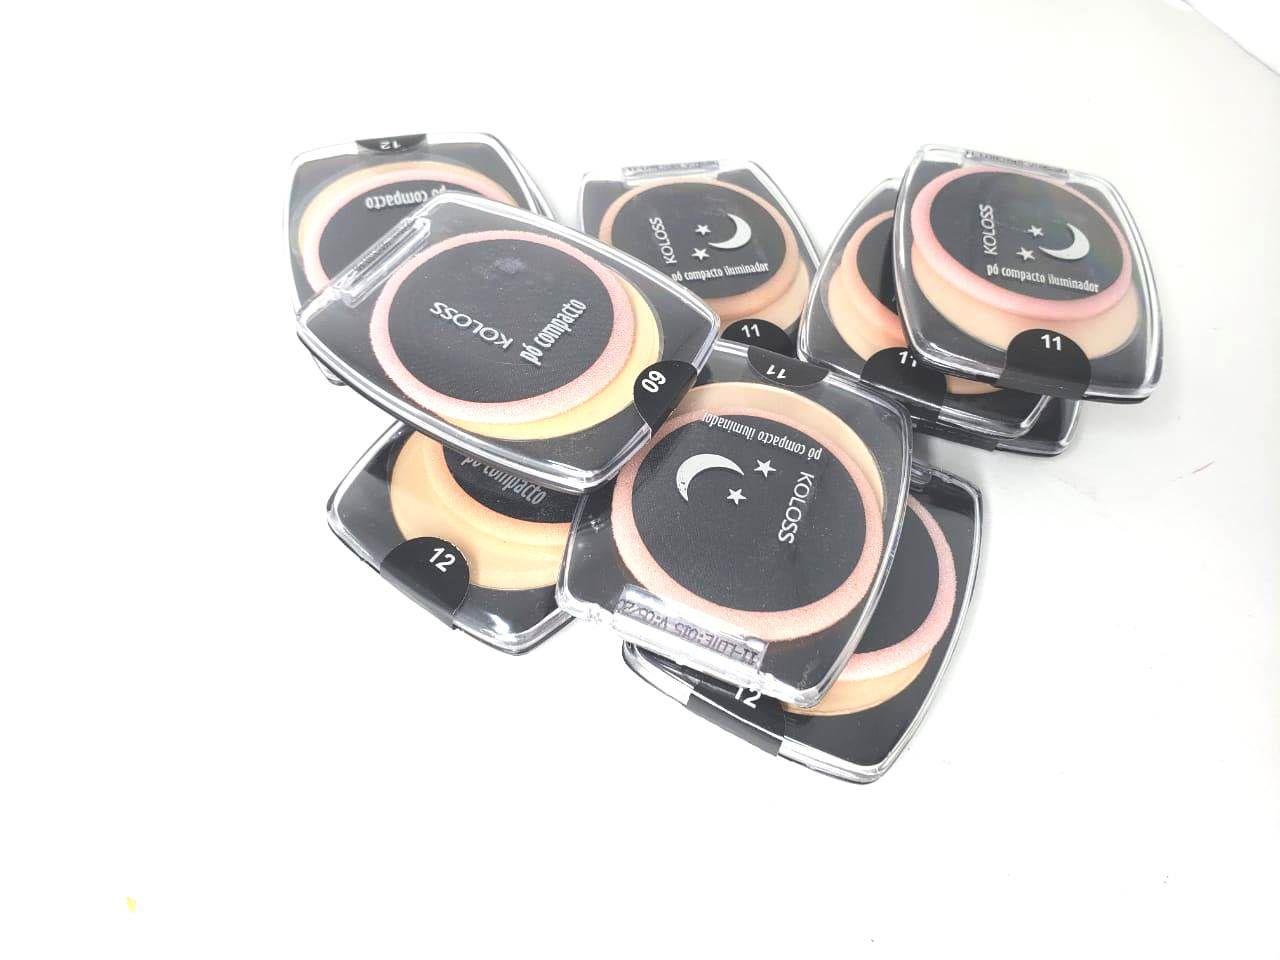 Caixa Pó compacto koloss cor 06 c/ 10 un -preço de custo